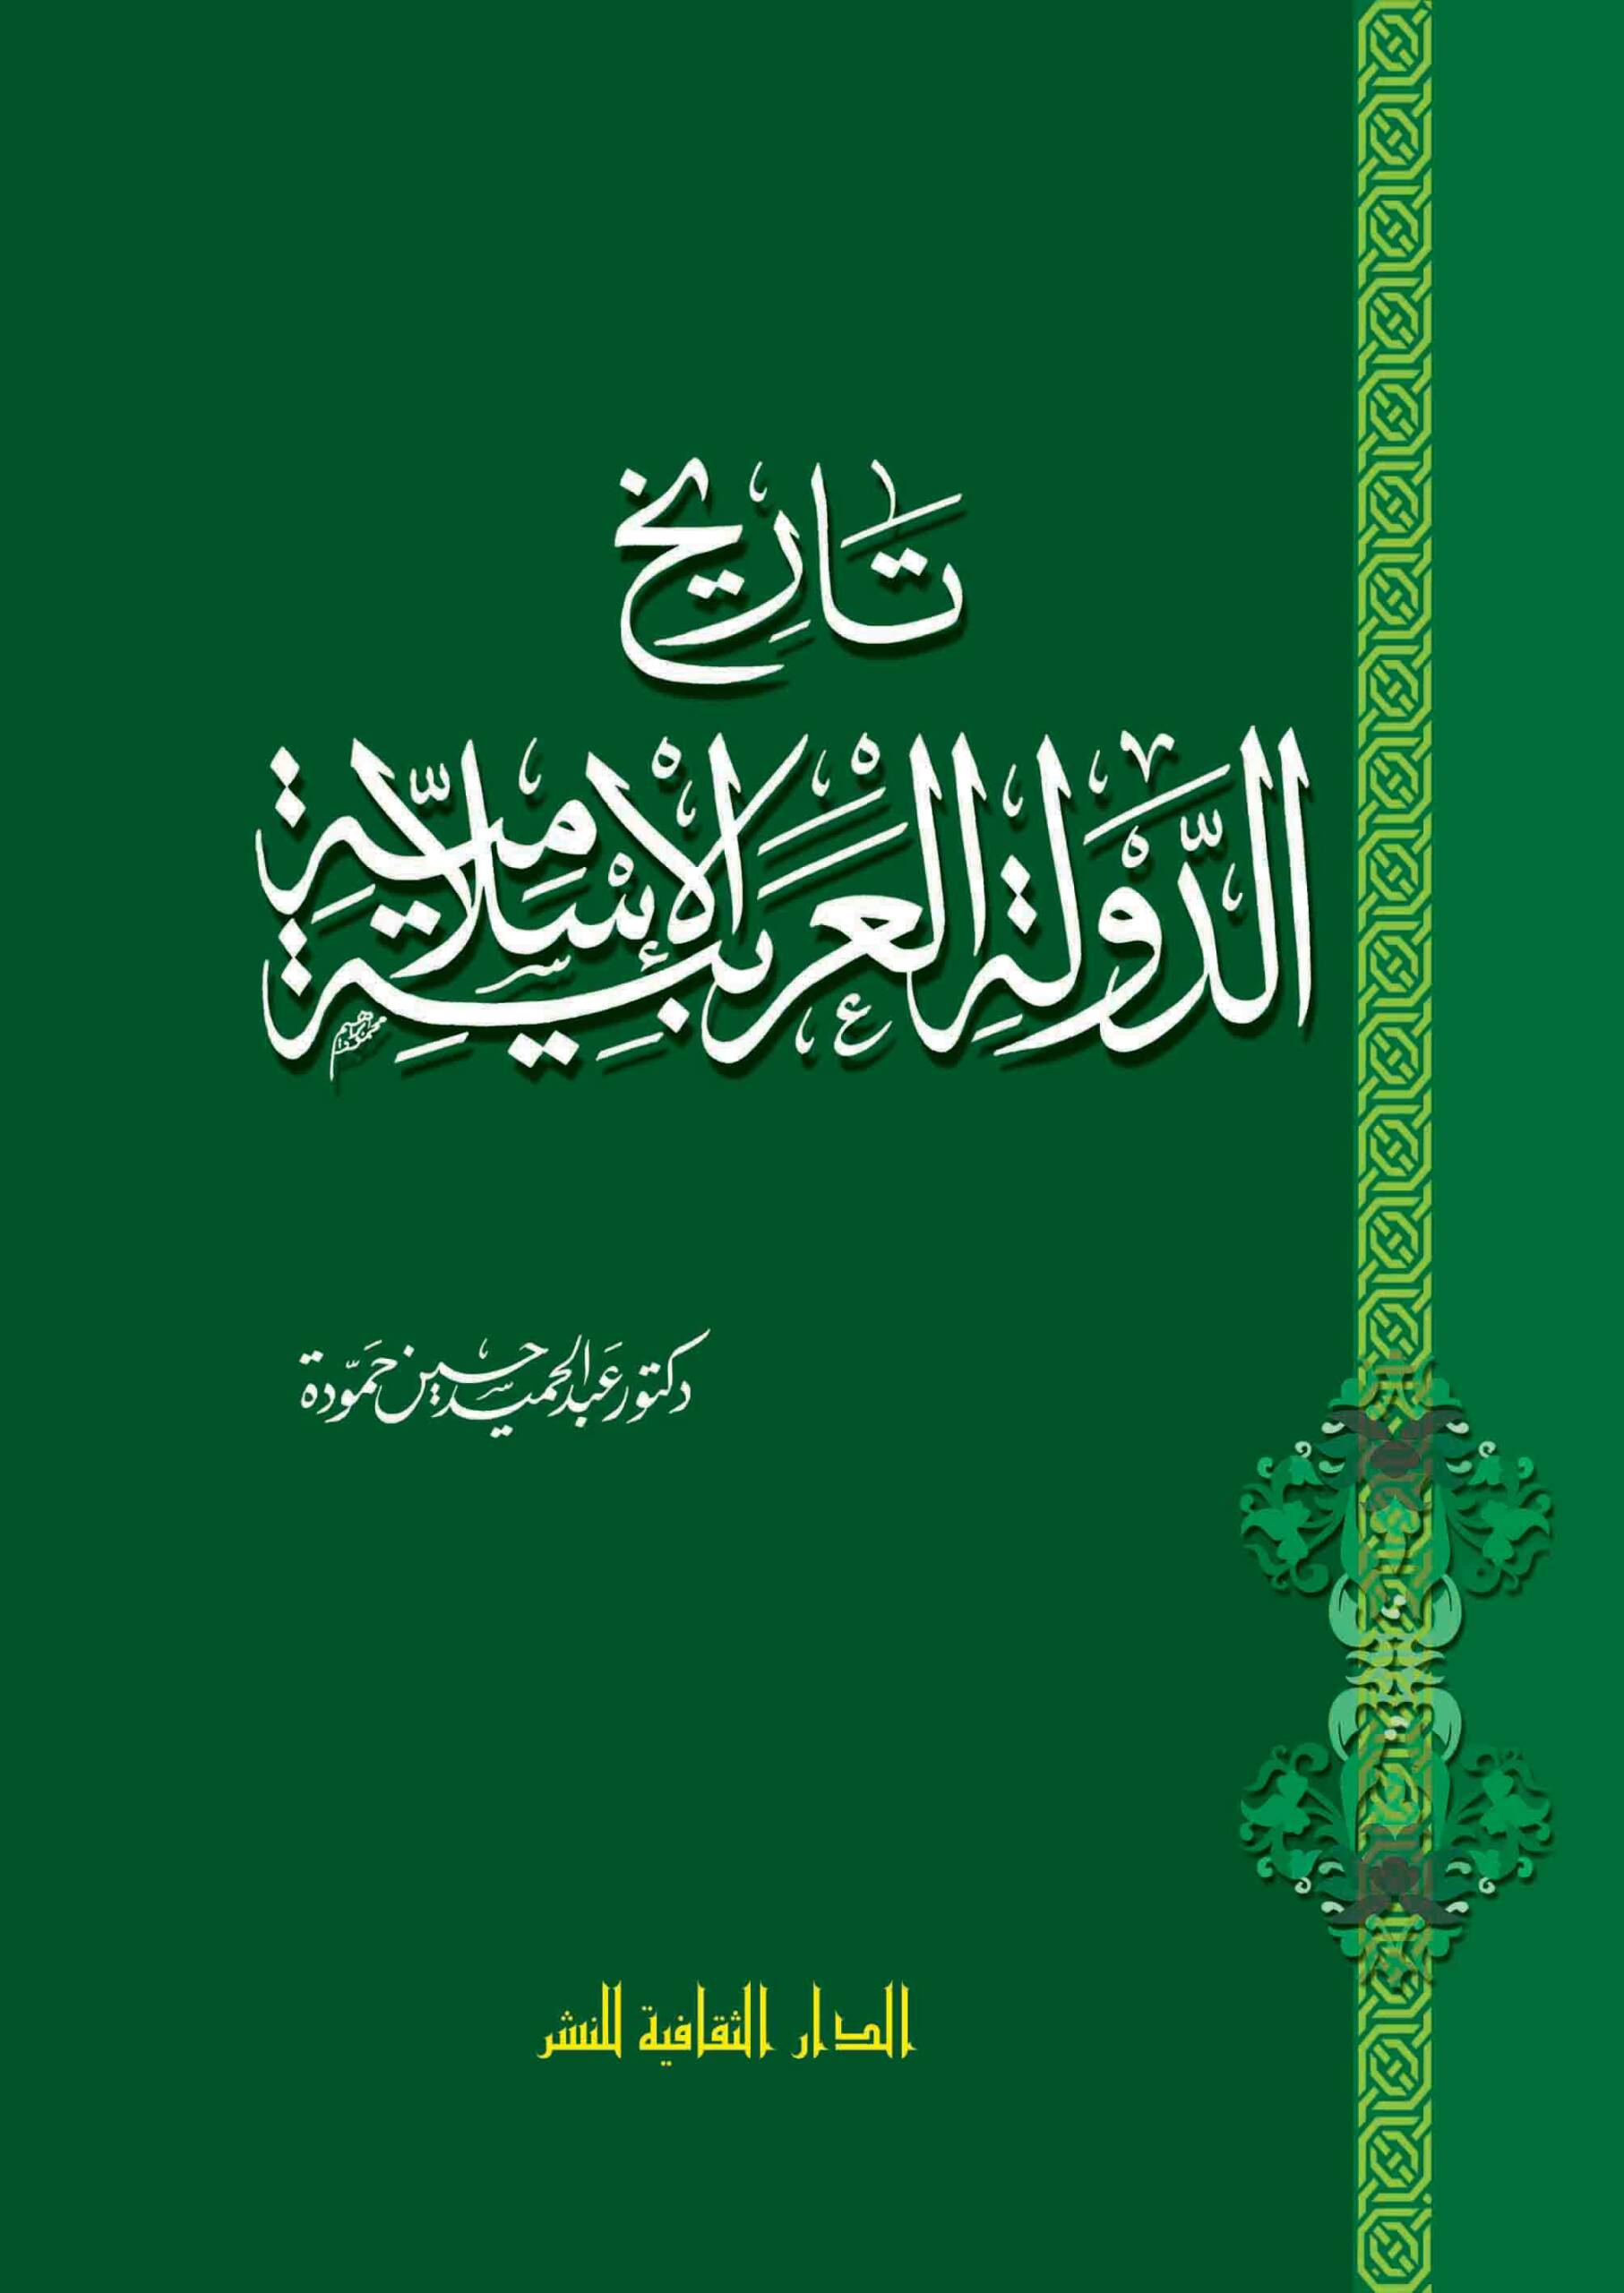 تاريخ الدولة العربية الإسلامية